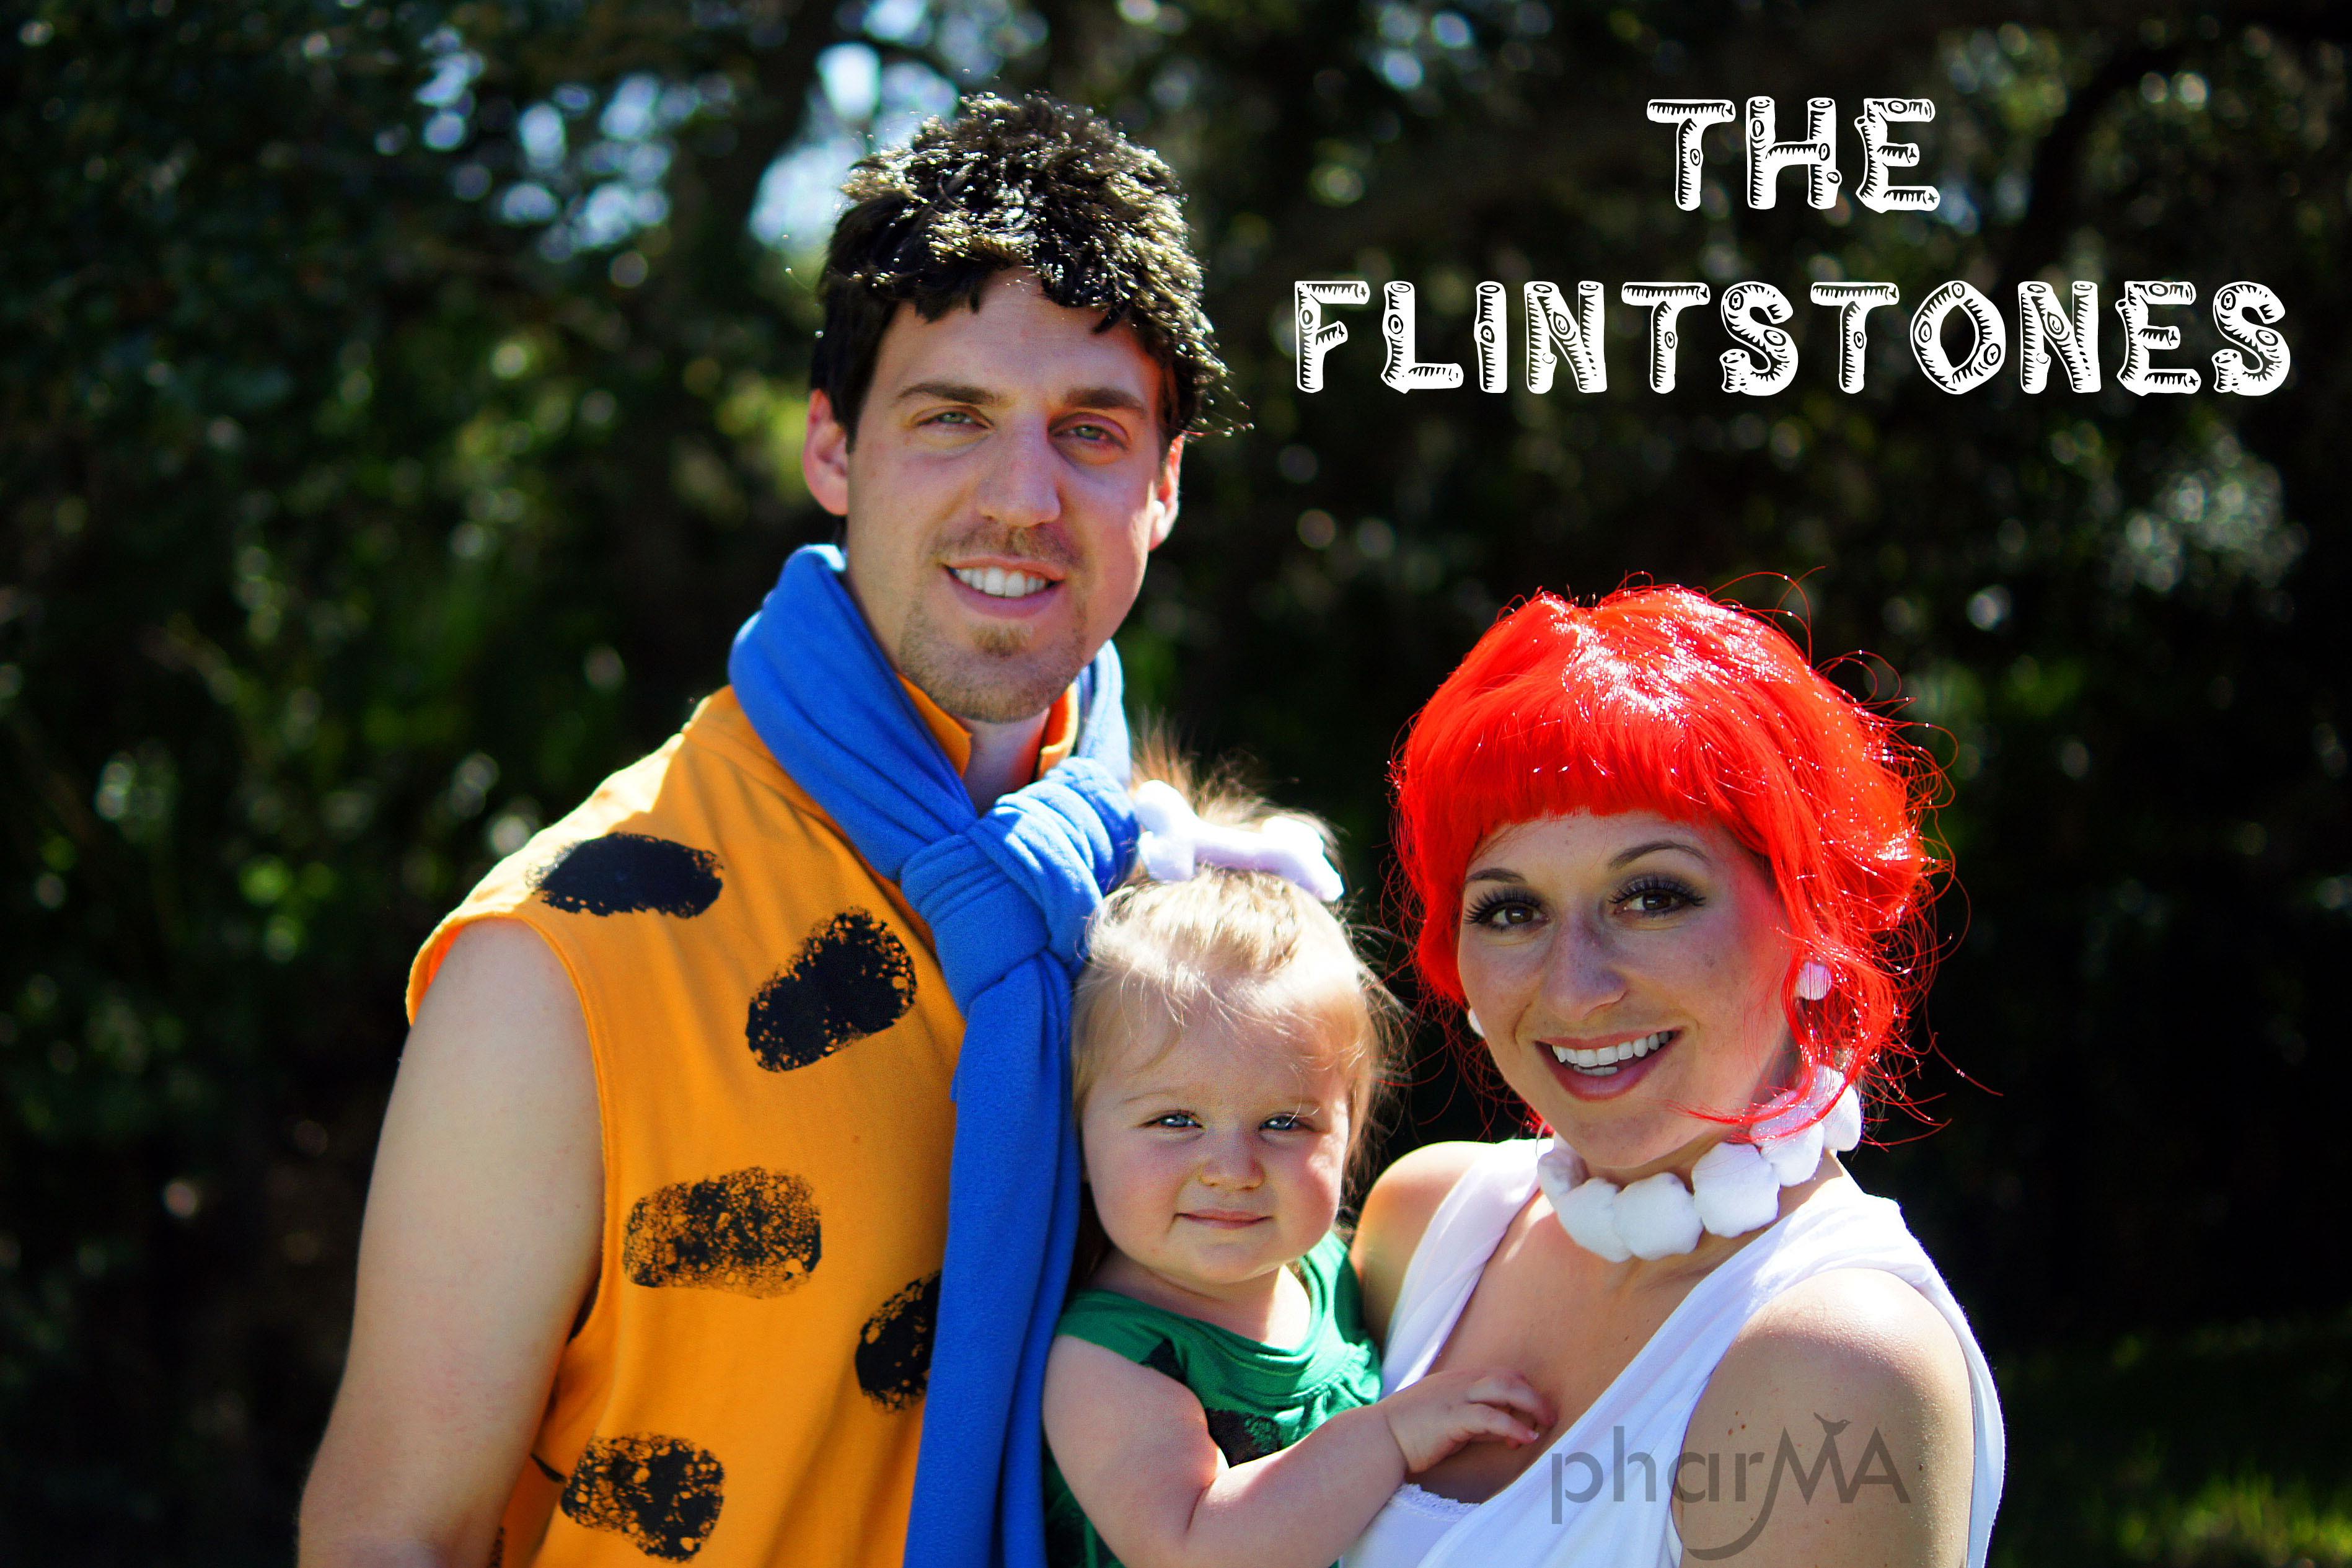 Flintstones Costumes DIY  The Flintstones Family Halloween Costumes